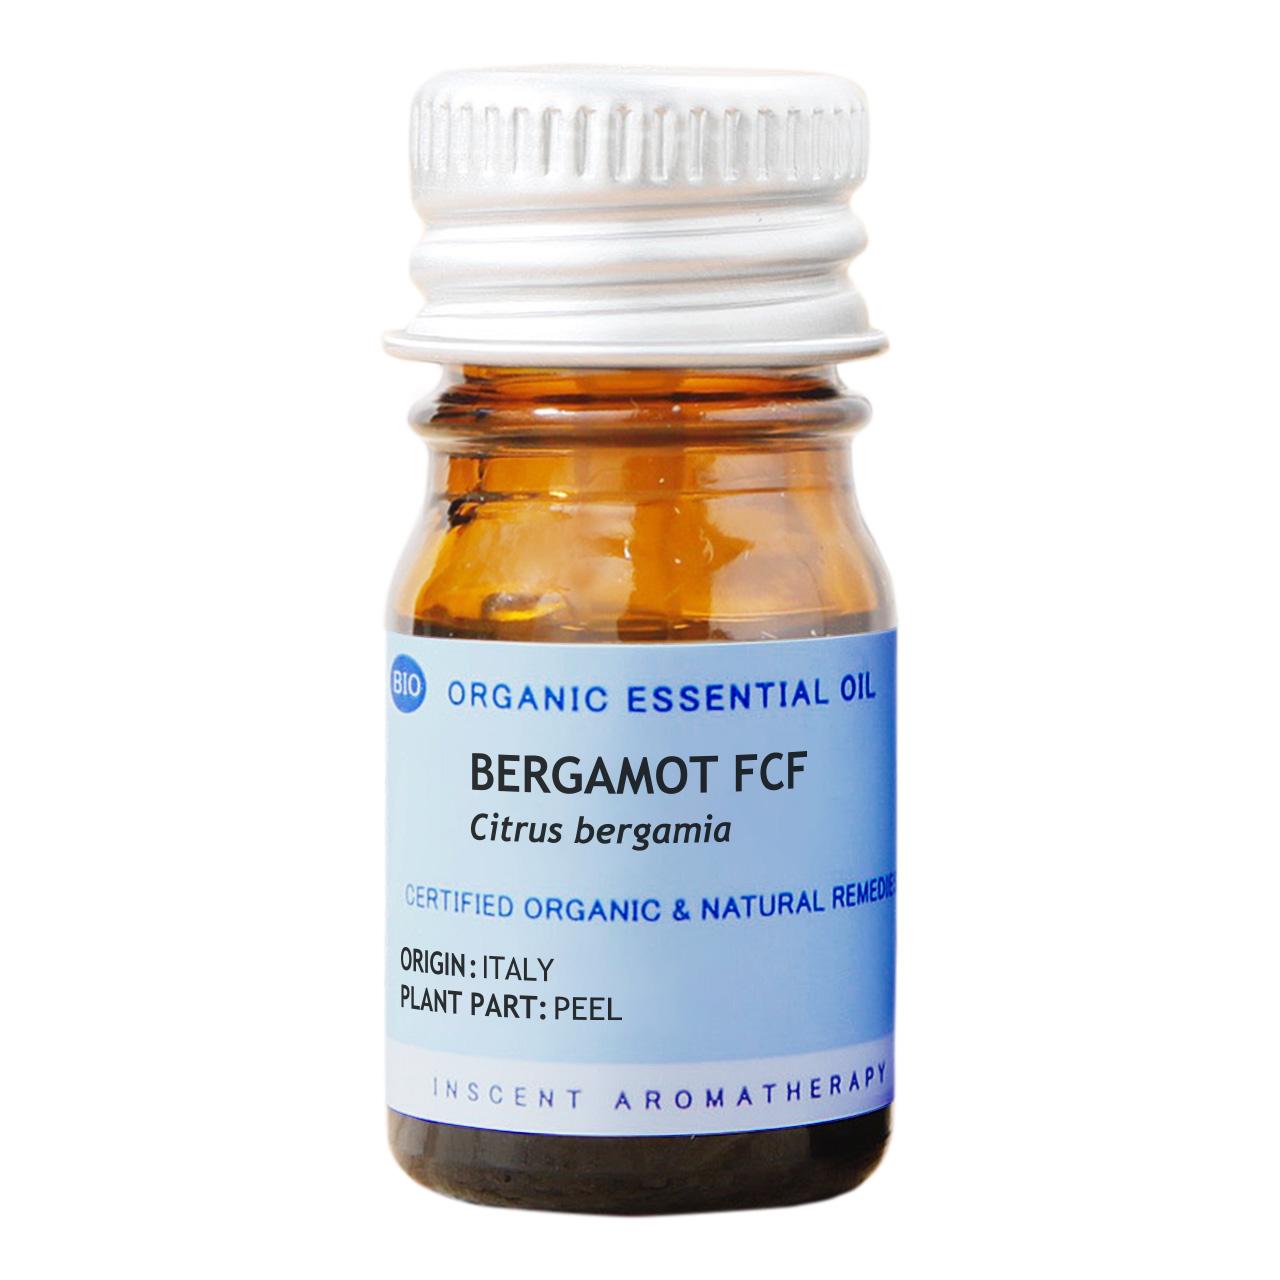 [オーガニック] ベルガモットFCF[ベルガプテンフリー] 5ml インセントオーガニック エッセンシャルオイル 精油